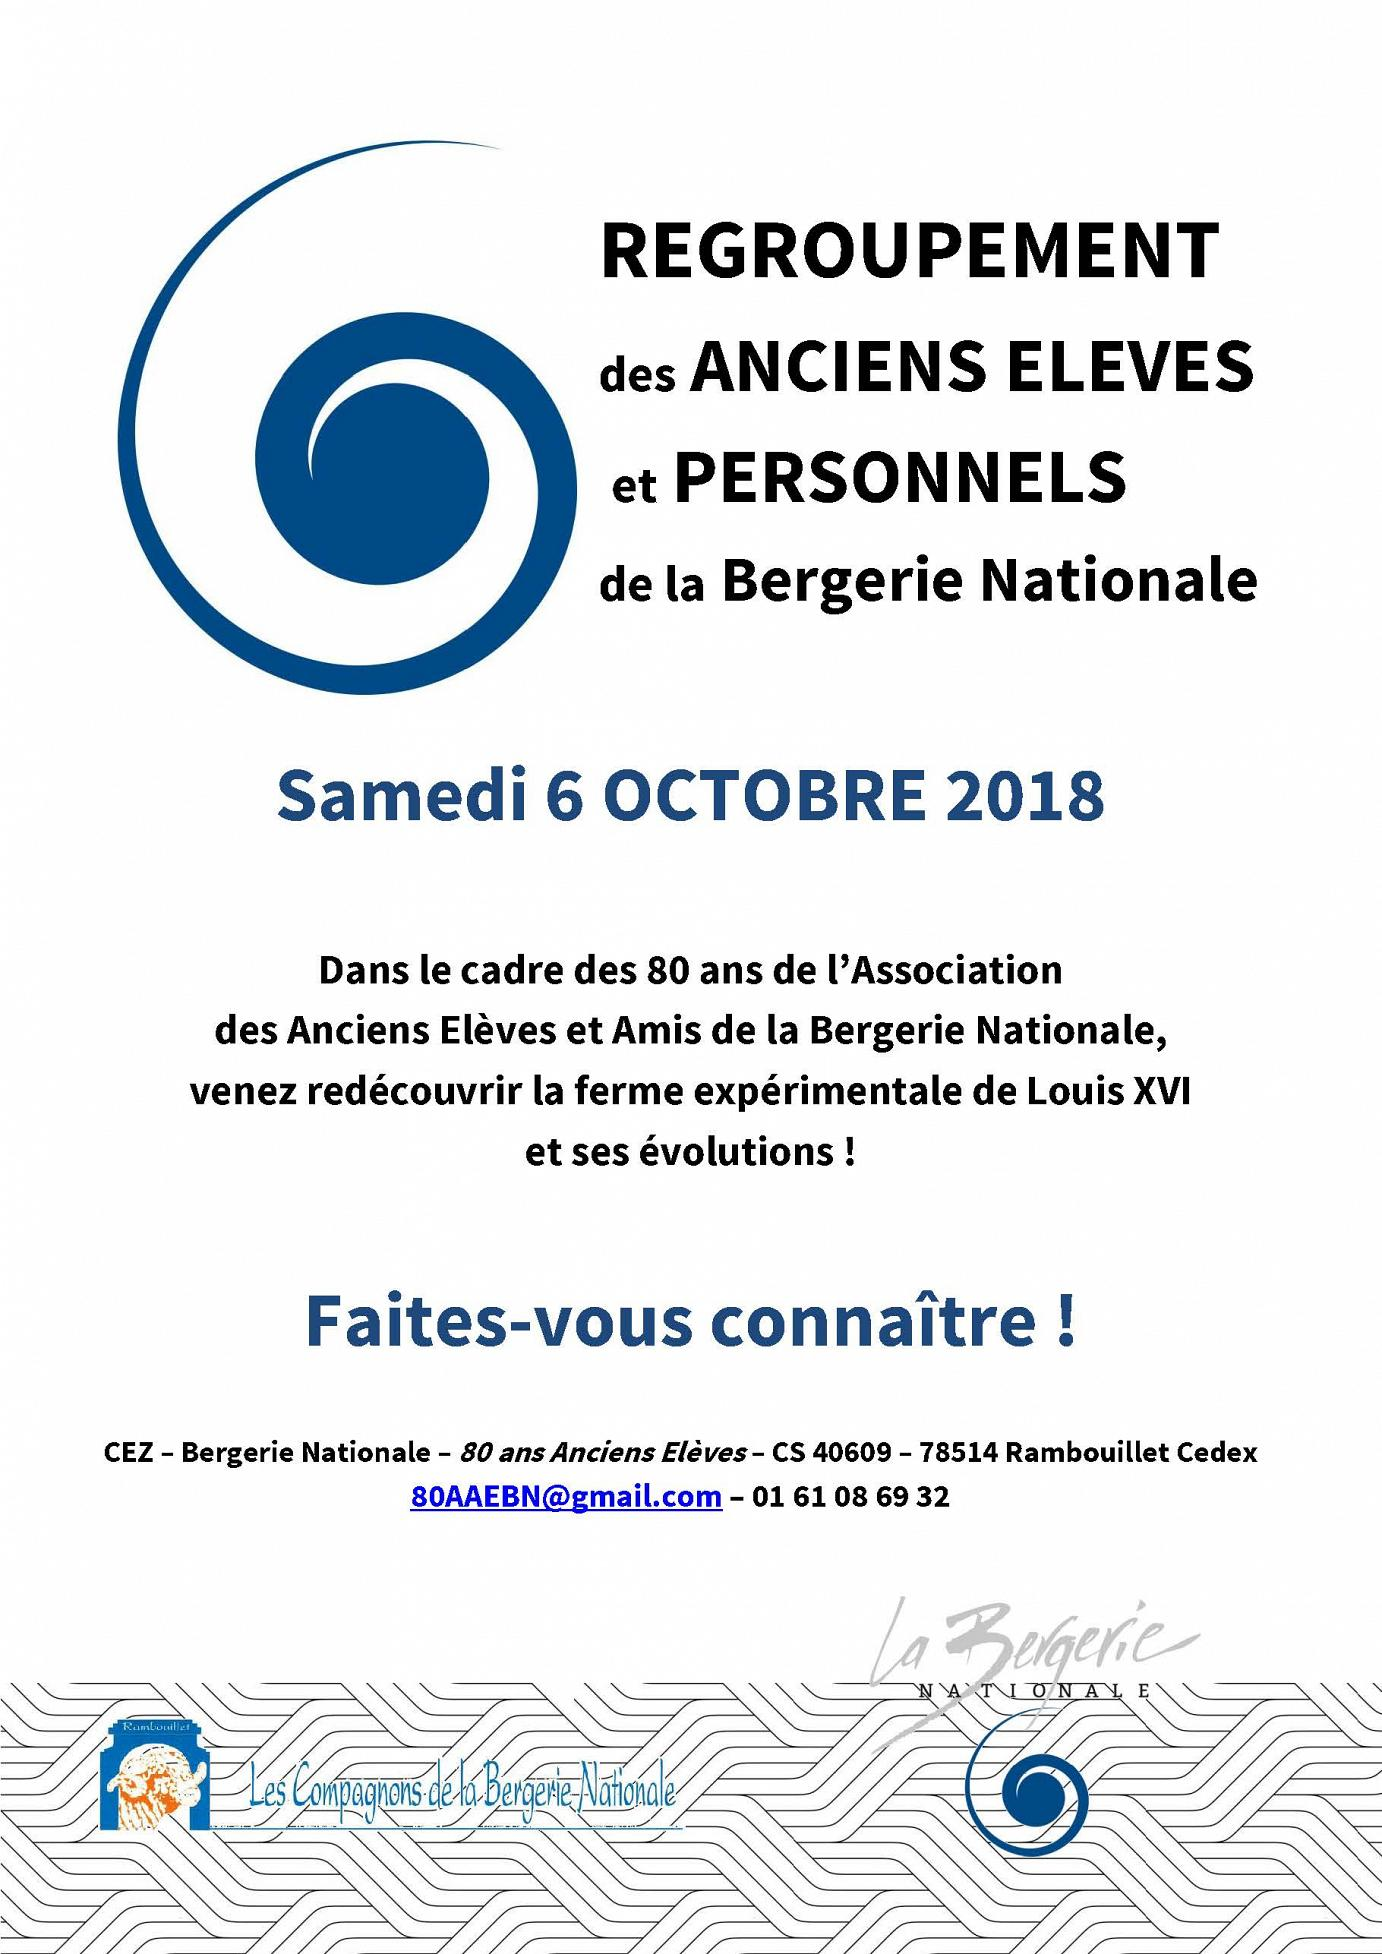 L'Association des Anciens Elèves et Amis de la Bergerie Nationale fête ses 80 ans